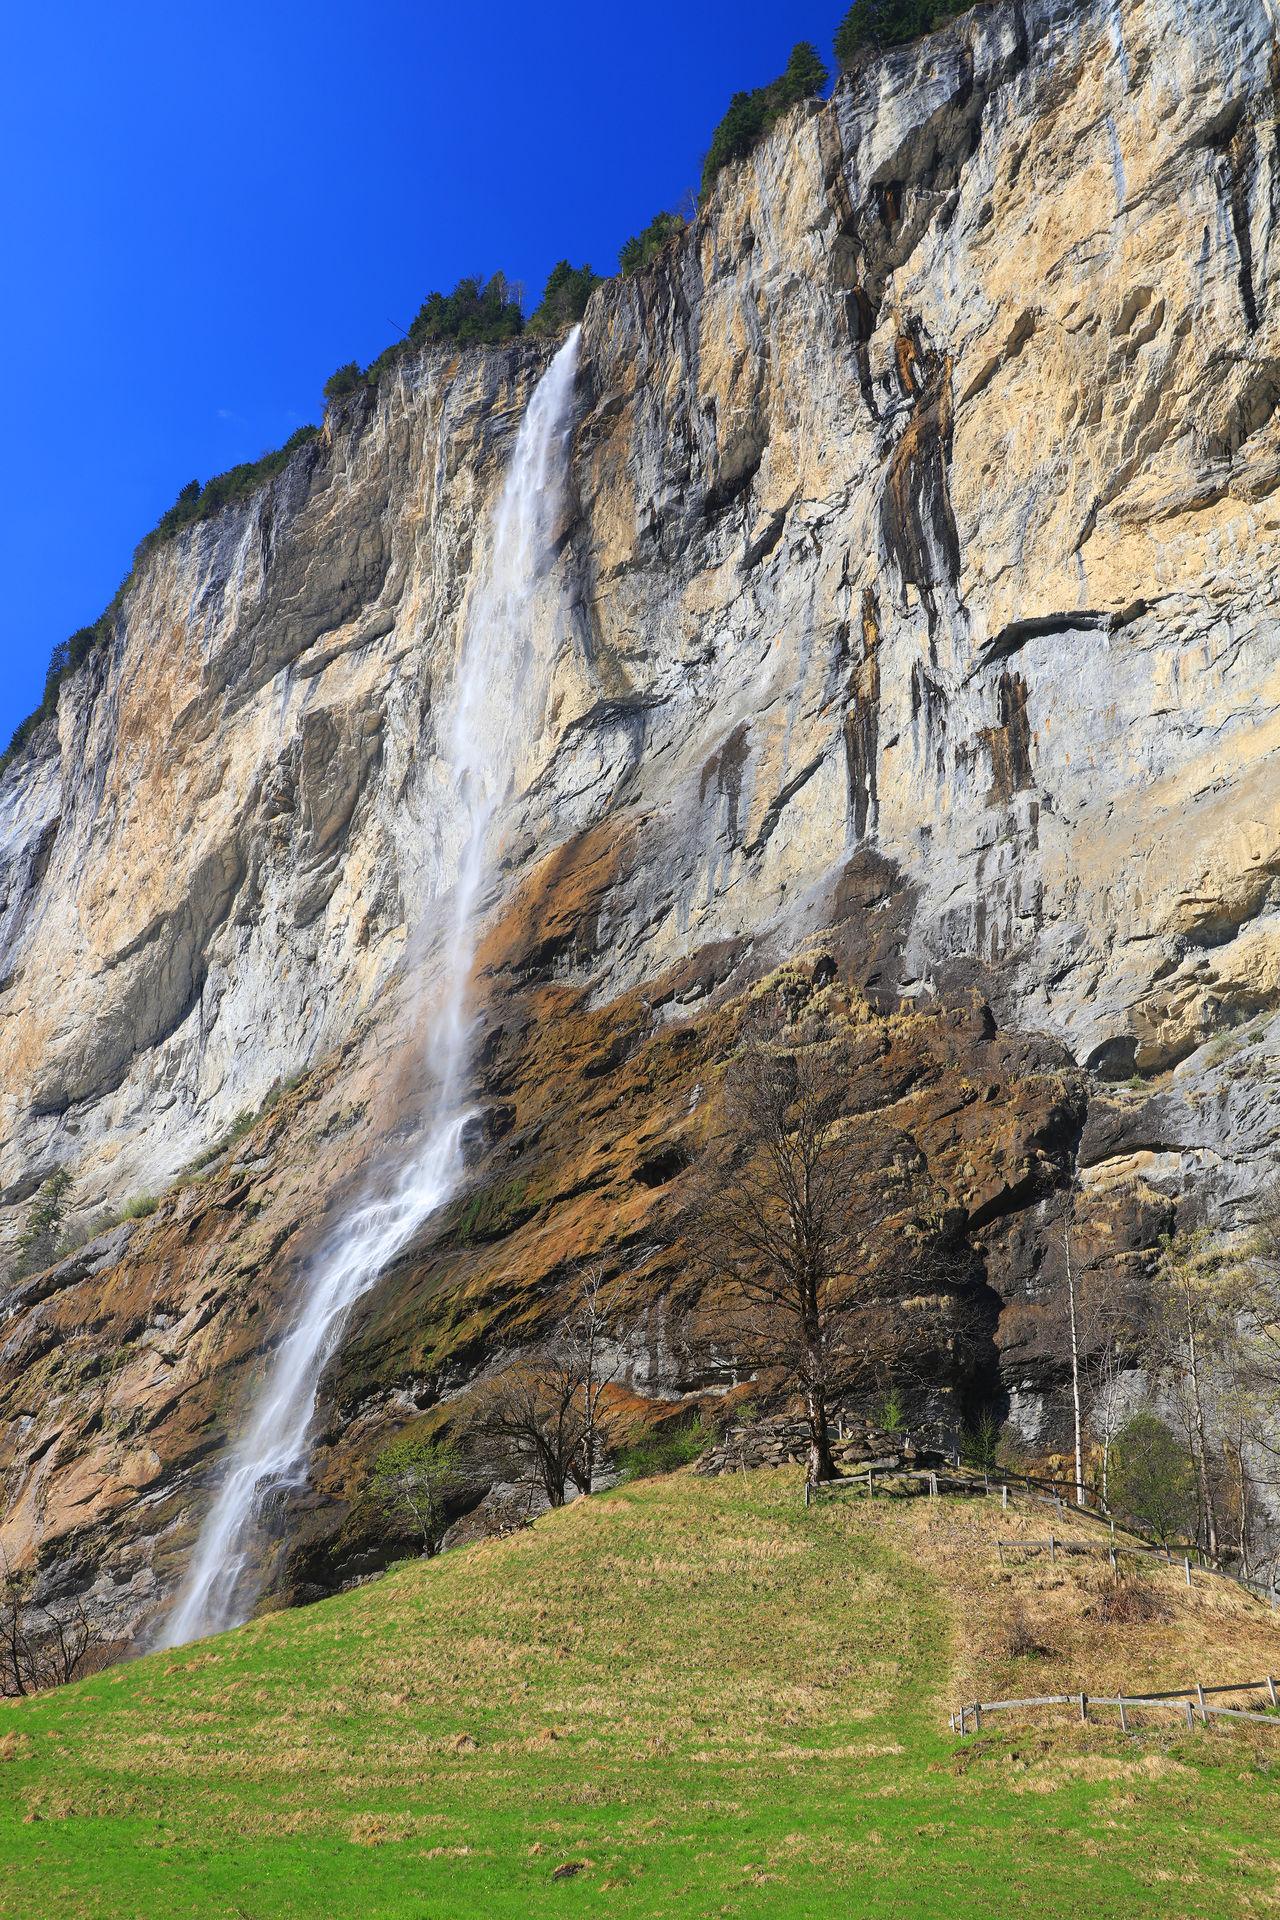 Canon Landmark Landscape Landscape_Collection Landscape_photography Lauterbrunnen Lauterbrunnen Valley Mürren Nature Resort Switzerland Switzerland Alps Switzerlandpictures Switzerland❤️ Travel Travel Photography Wengen Wengen Switzerland